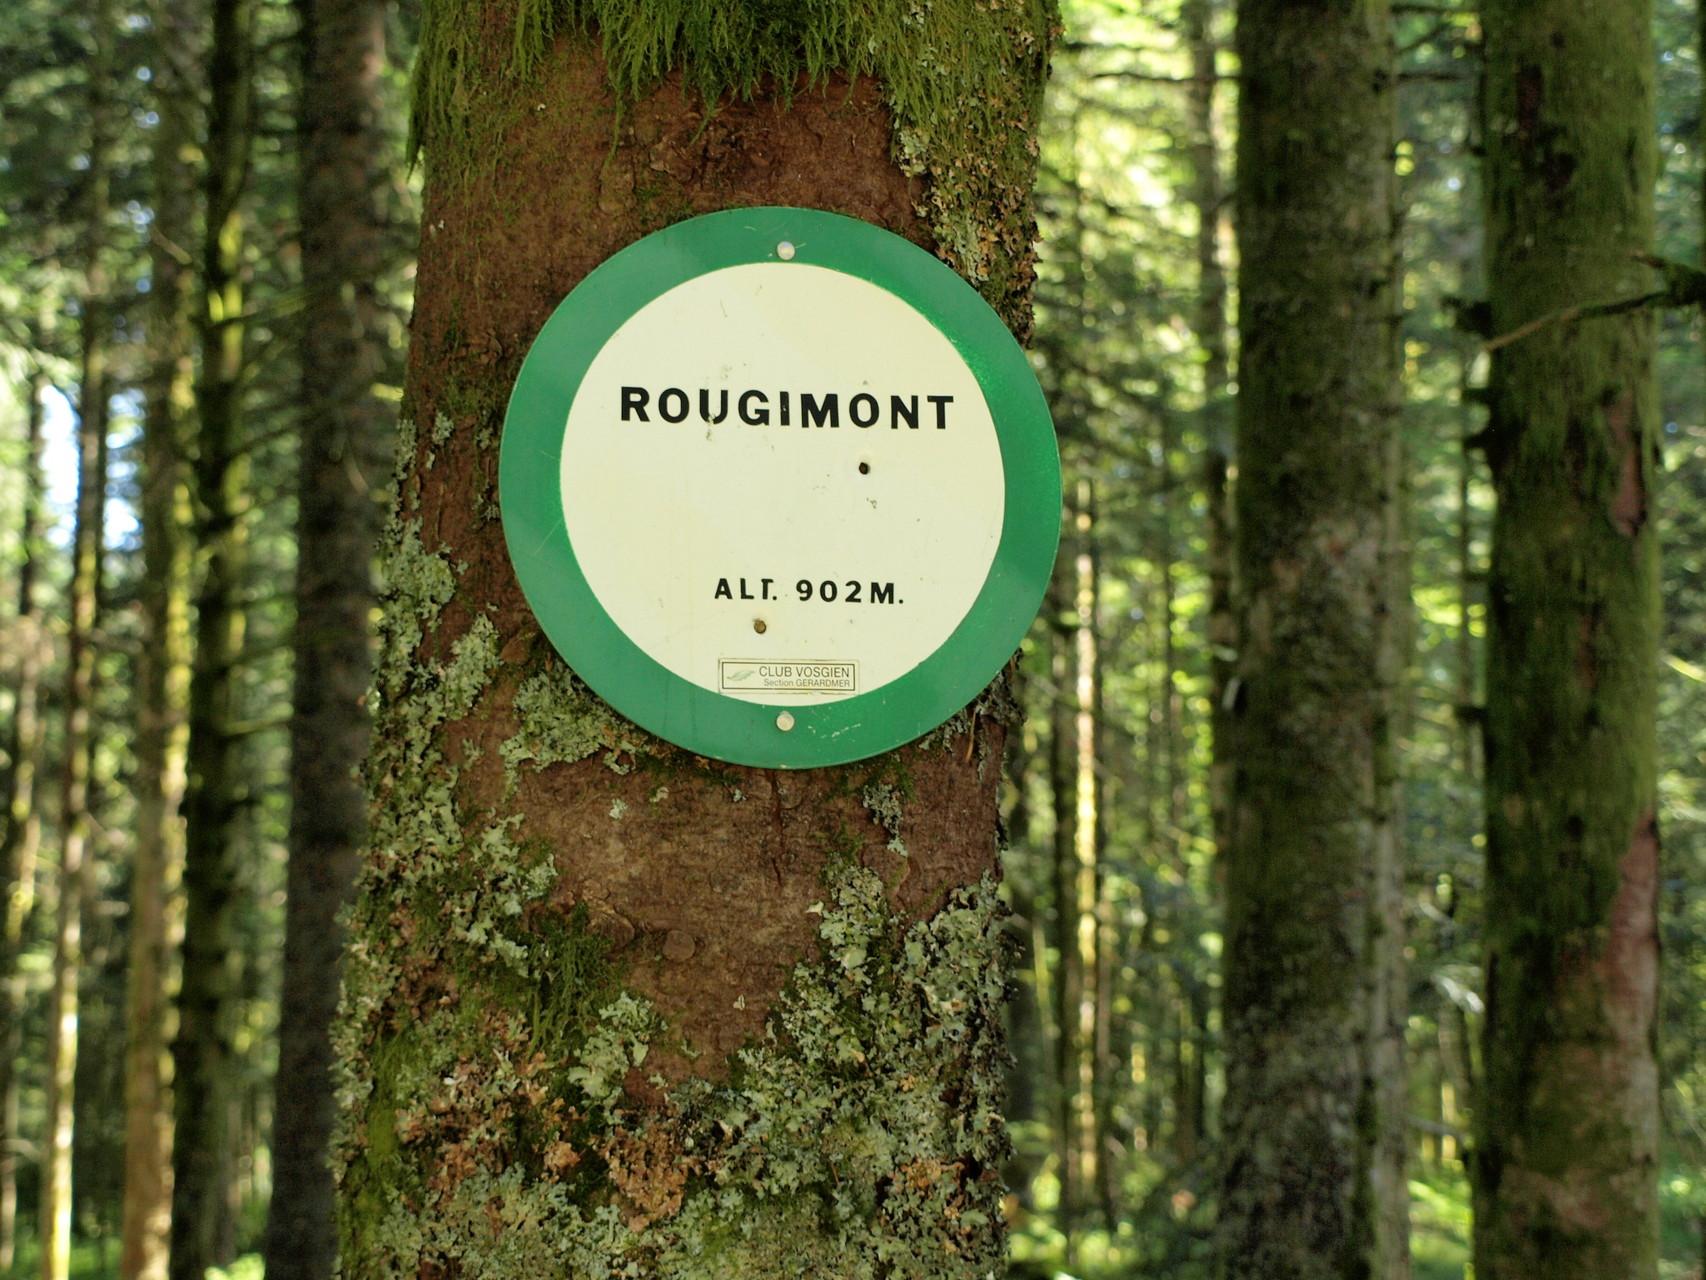 Rougimont